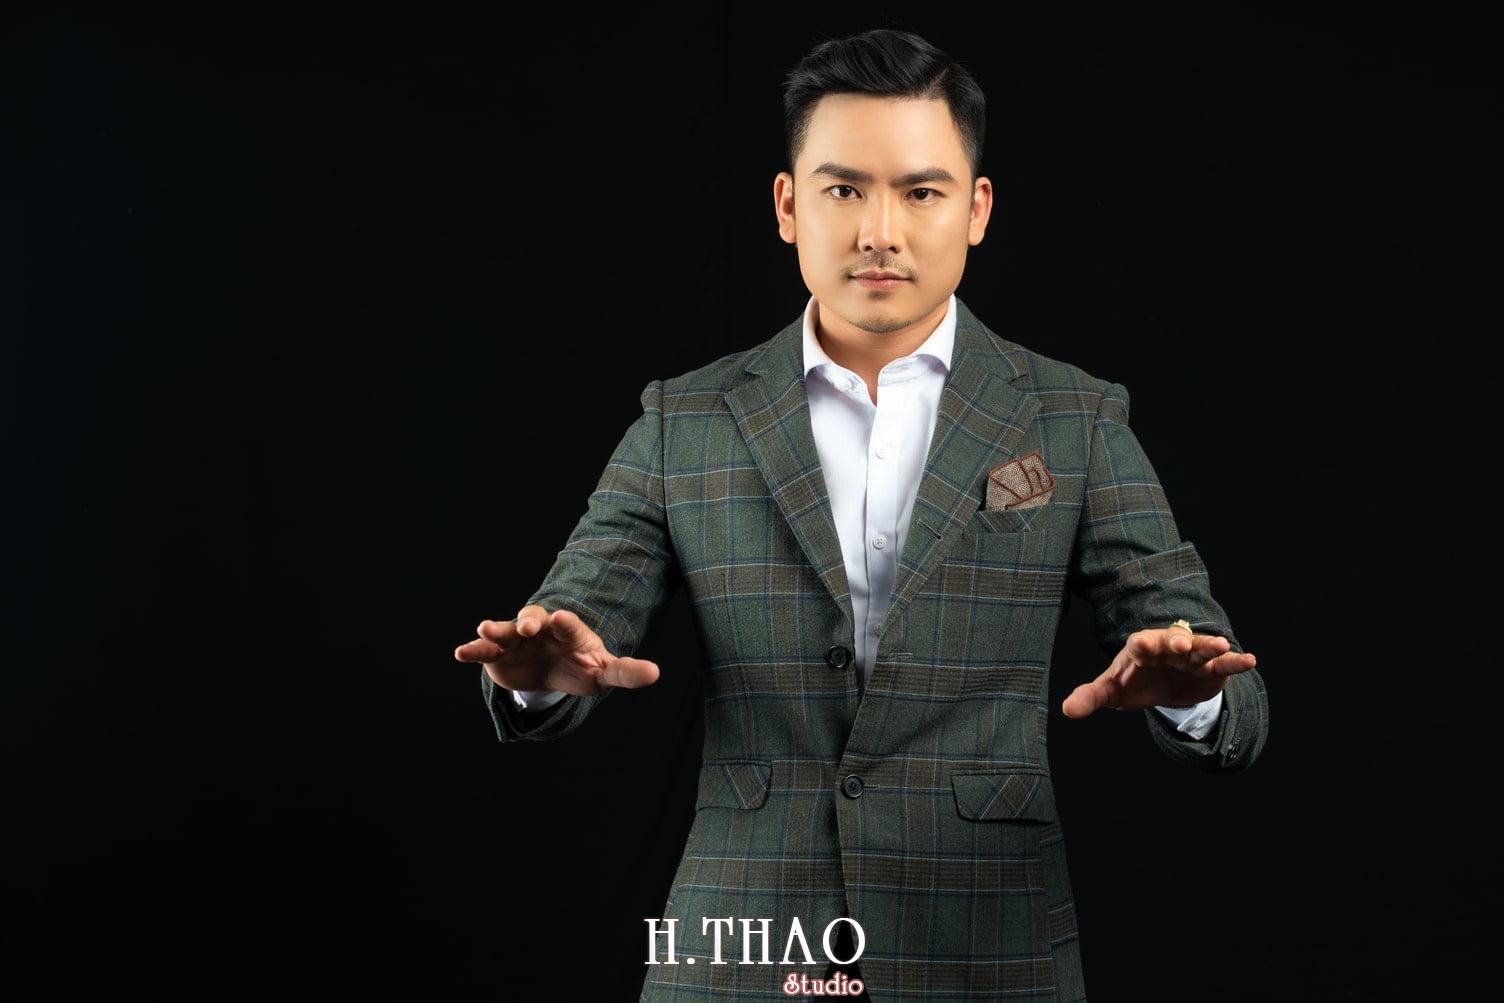 Anh Doanh nhan 39 - Ảnh doanh nhân, CEO & Founder PFT Academy Mr.Tuan Anh – HThao Studio